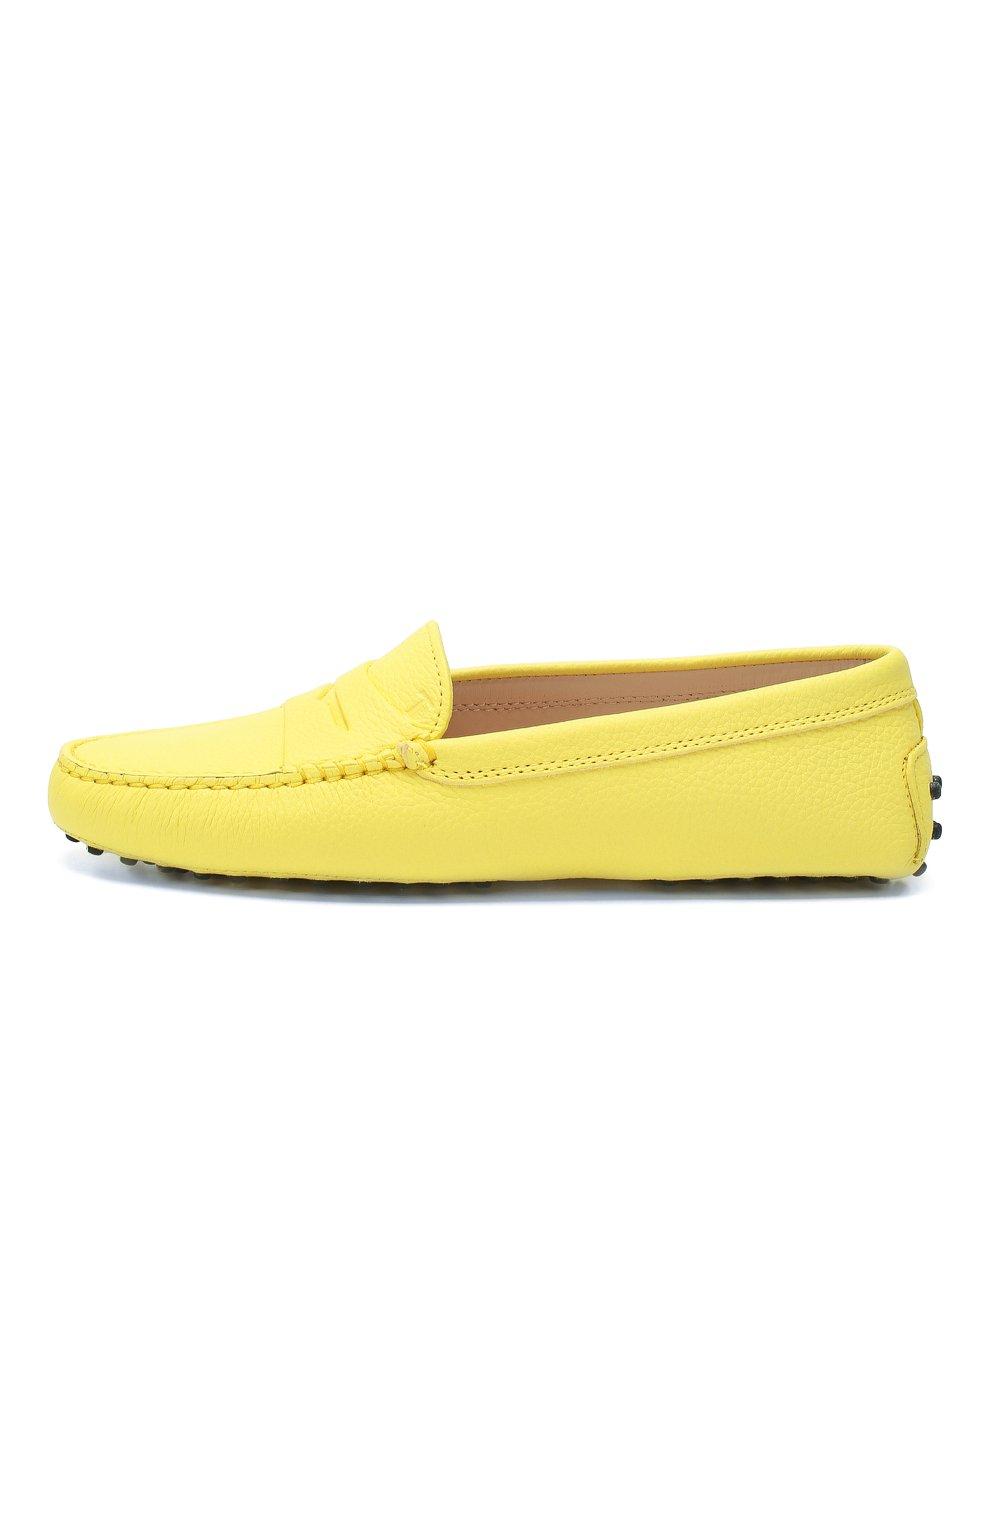 Кожаные мокасины Gommini Tod's желтые | Фото №3